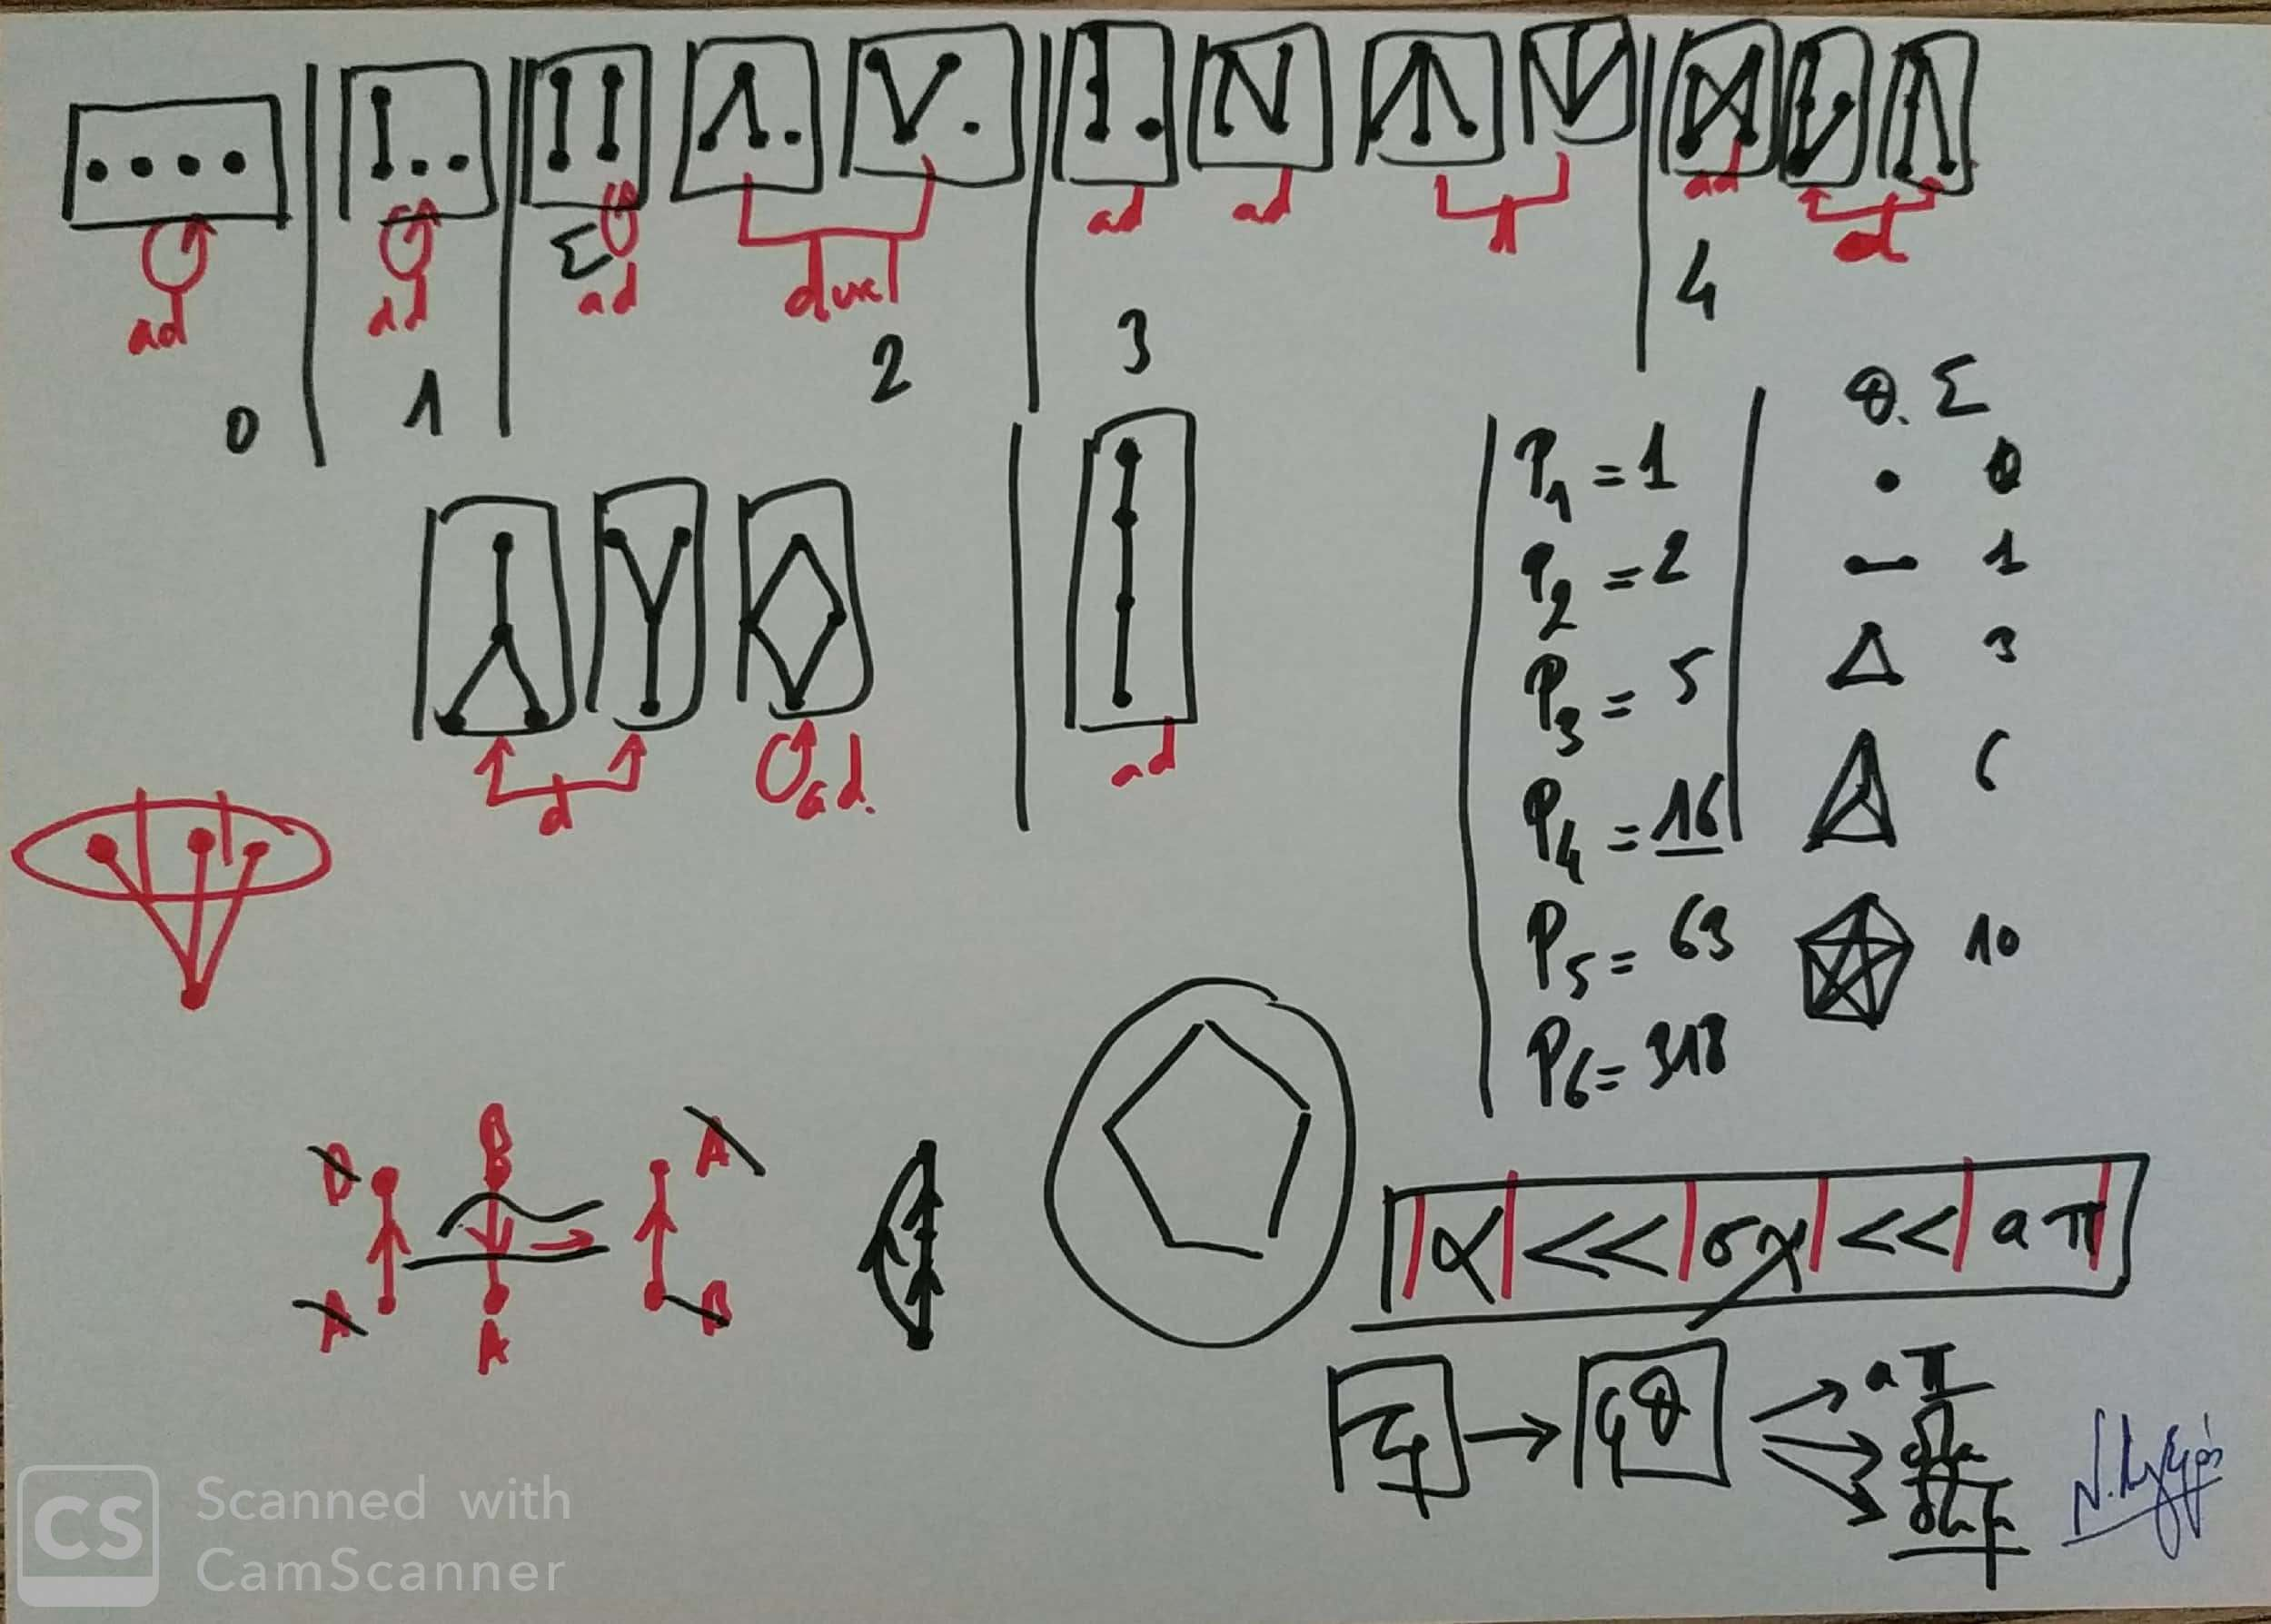 Στρατηγική, Μαθηματικά και Εφαρμογές IV. (Dessin)